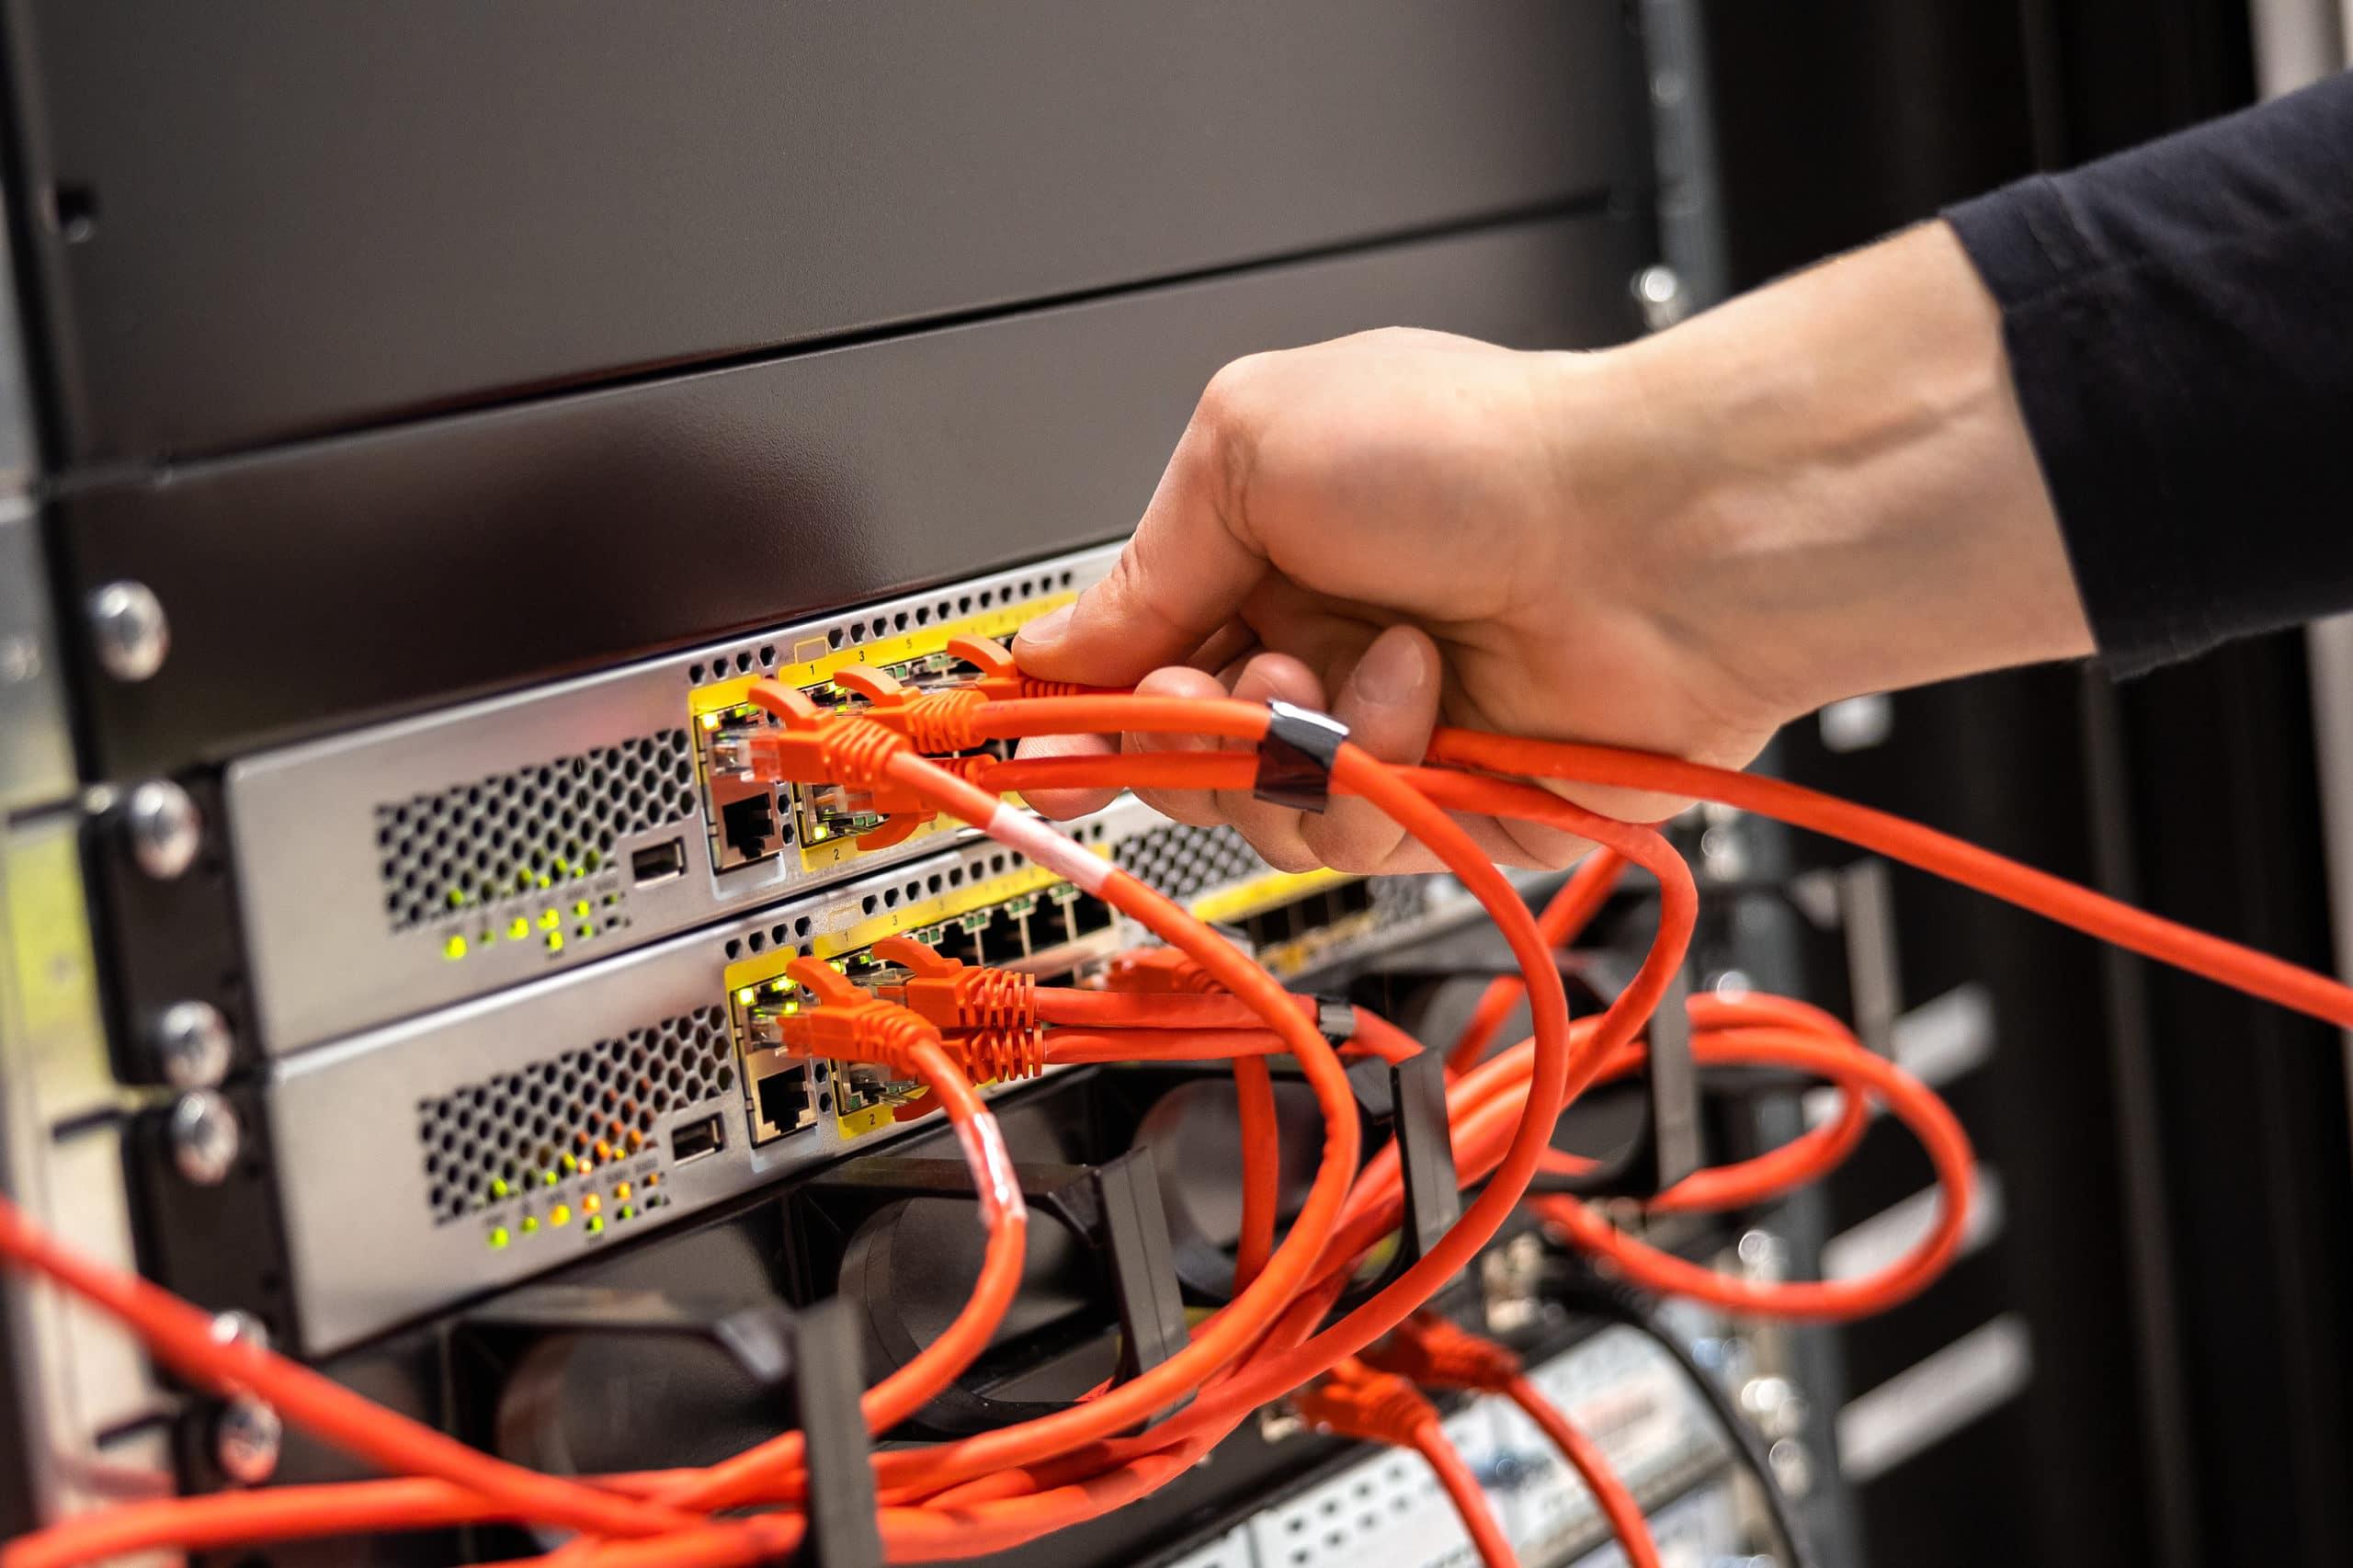 Närbild på en hand som kopplar in sladdar på nätverksenhet i datorhall